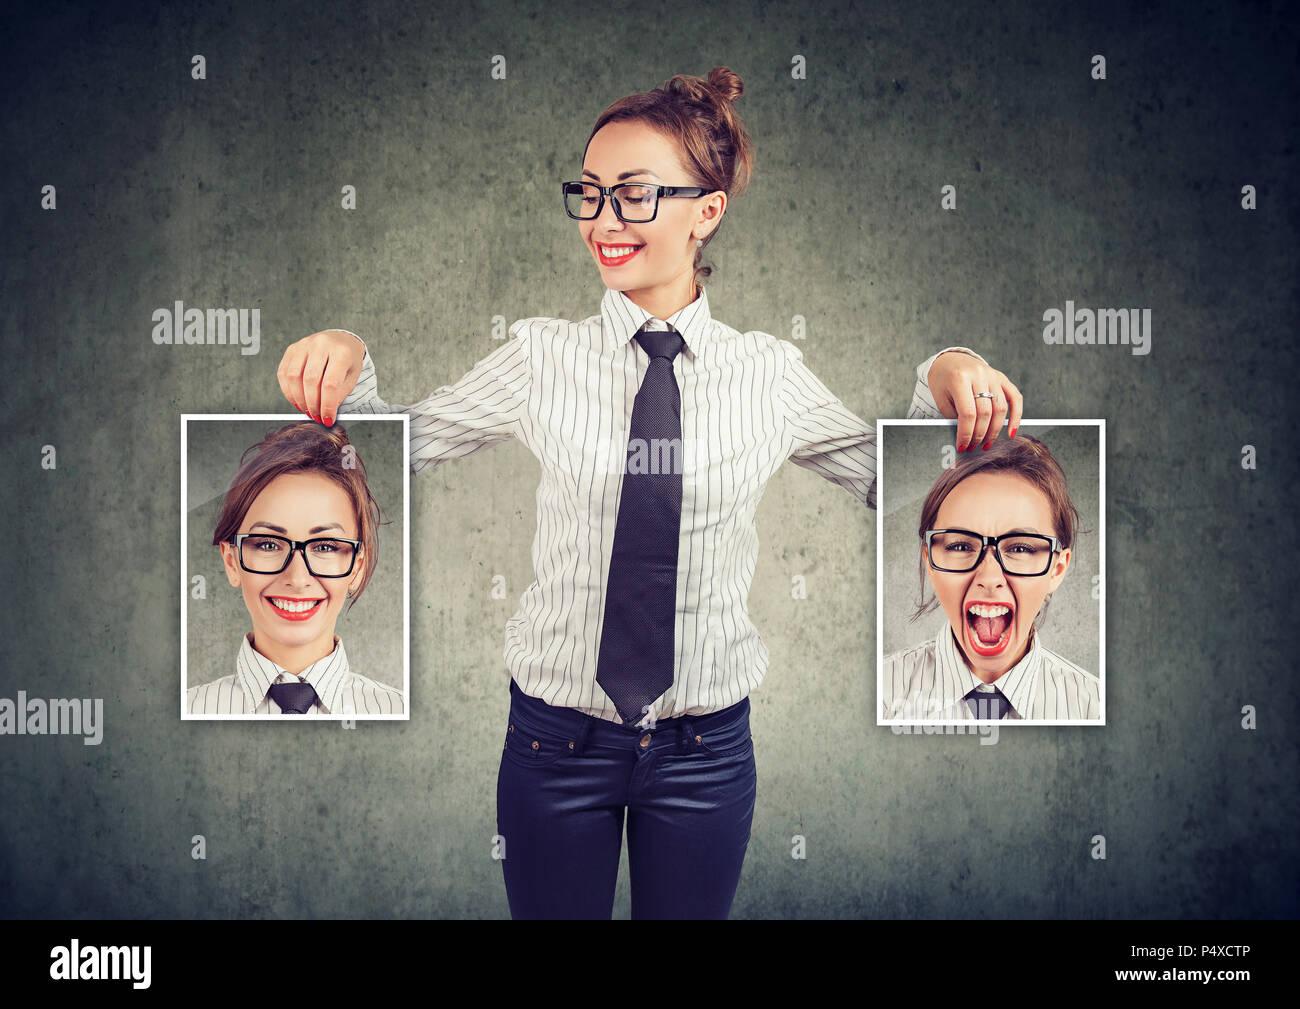 Joven mujer alegre celebración en vasos de fotografías con buenas y malas emociones tener cambios de humor y sonriendo a sí misma positiva Imagen De Stock